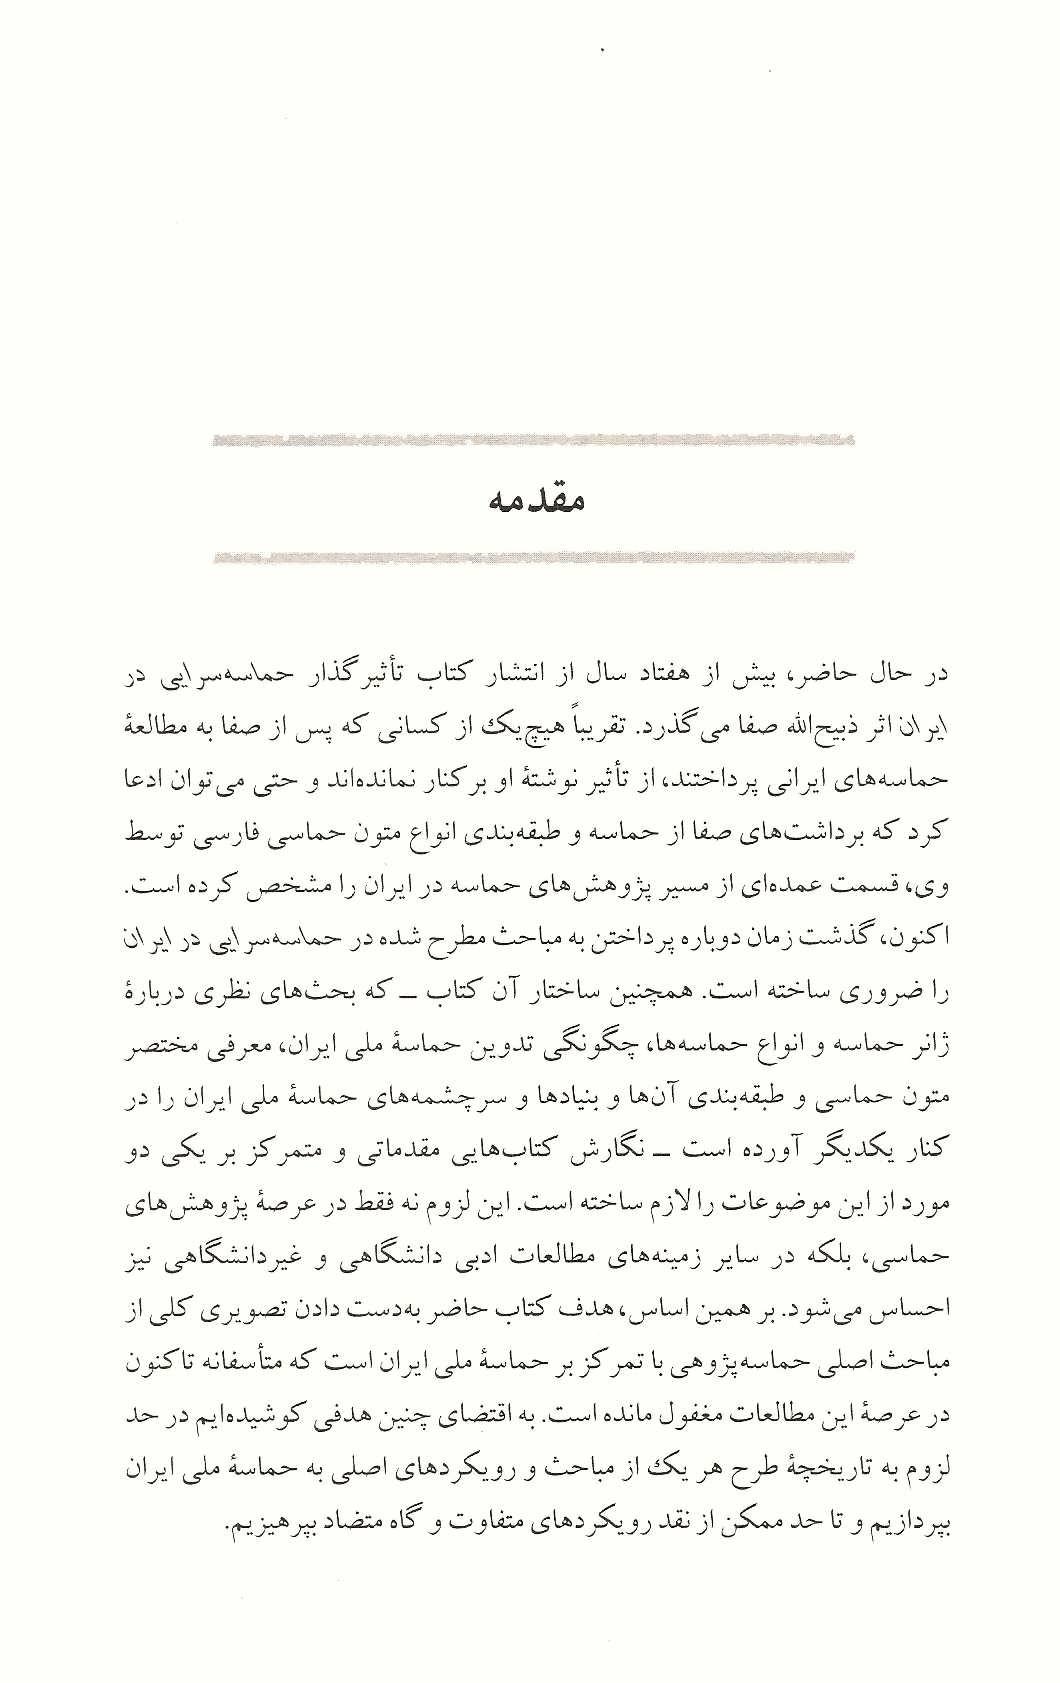 مدخل حماسه ملی ایران (مسائل نظری ادبیات)